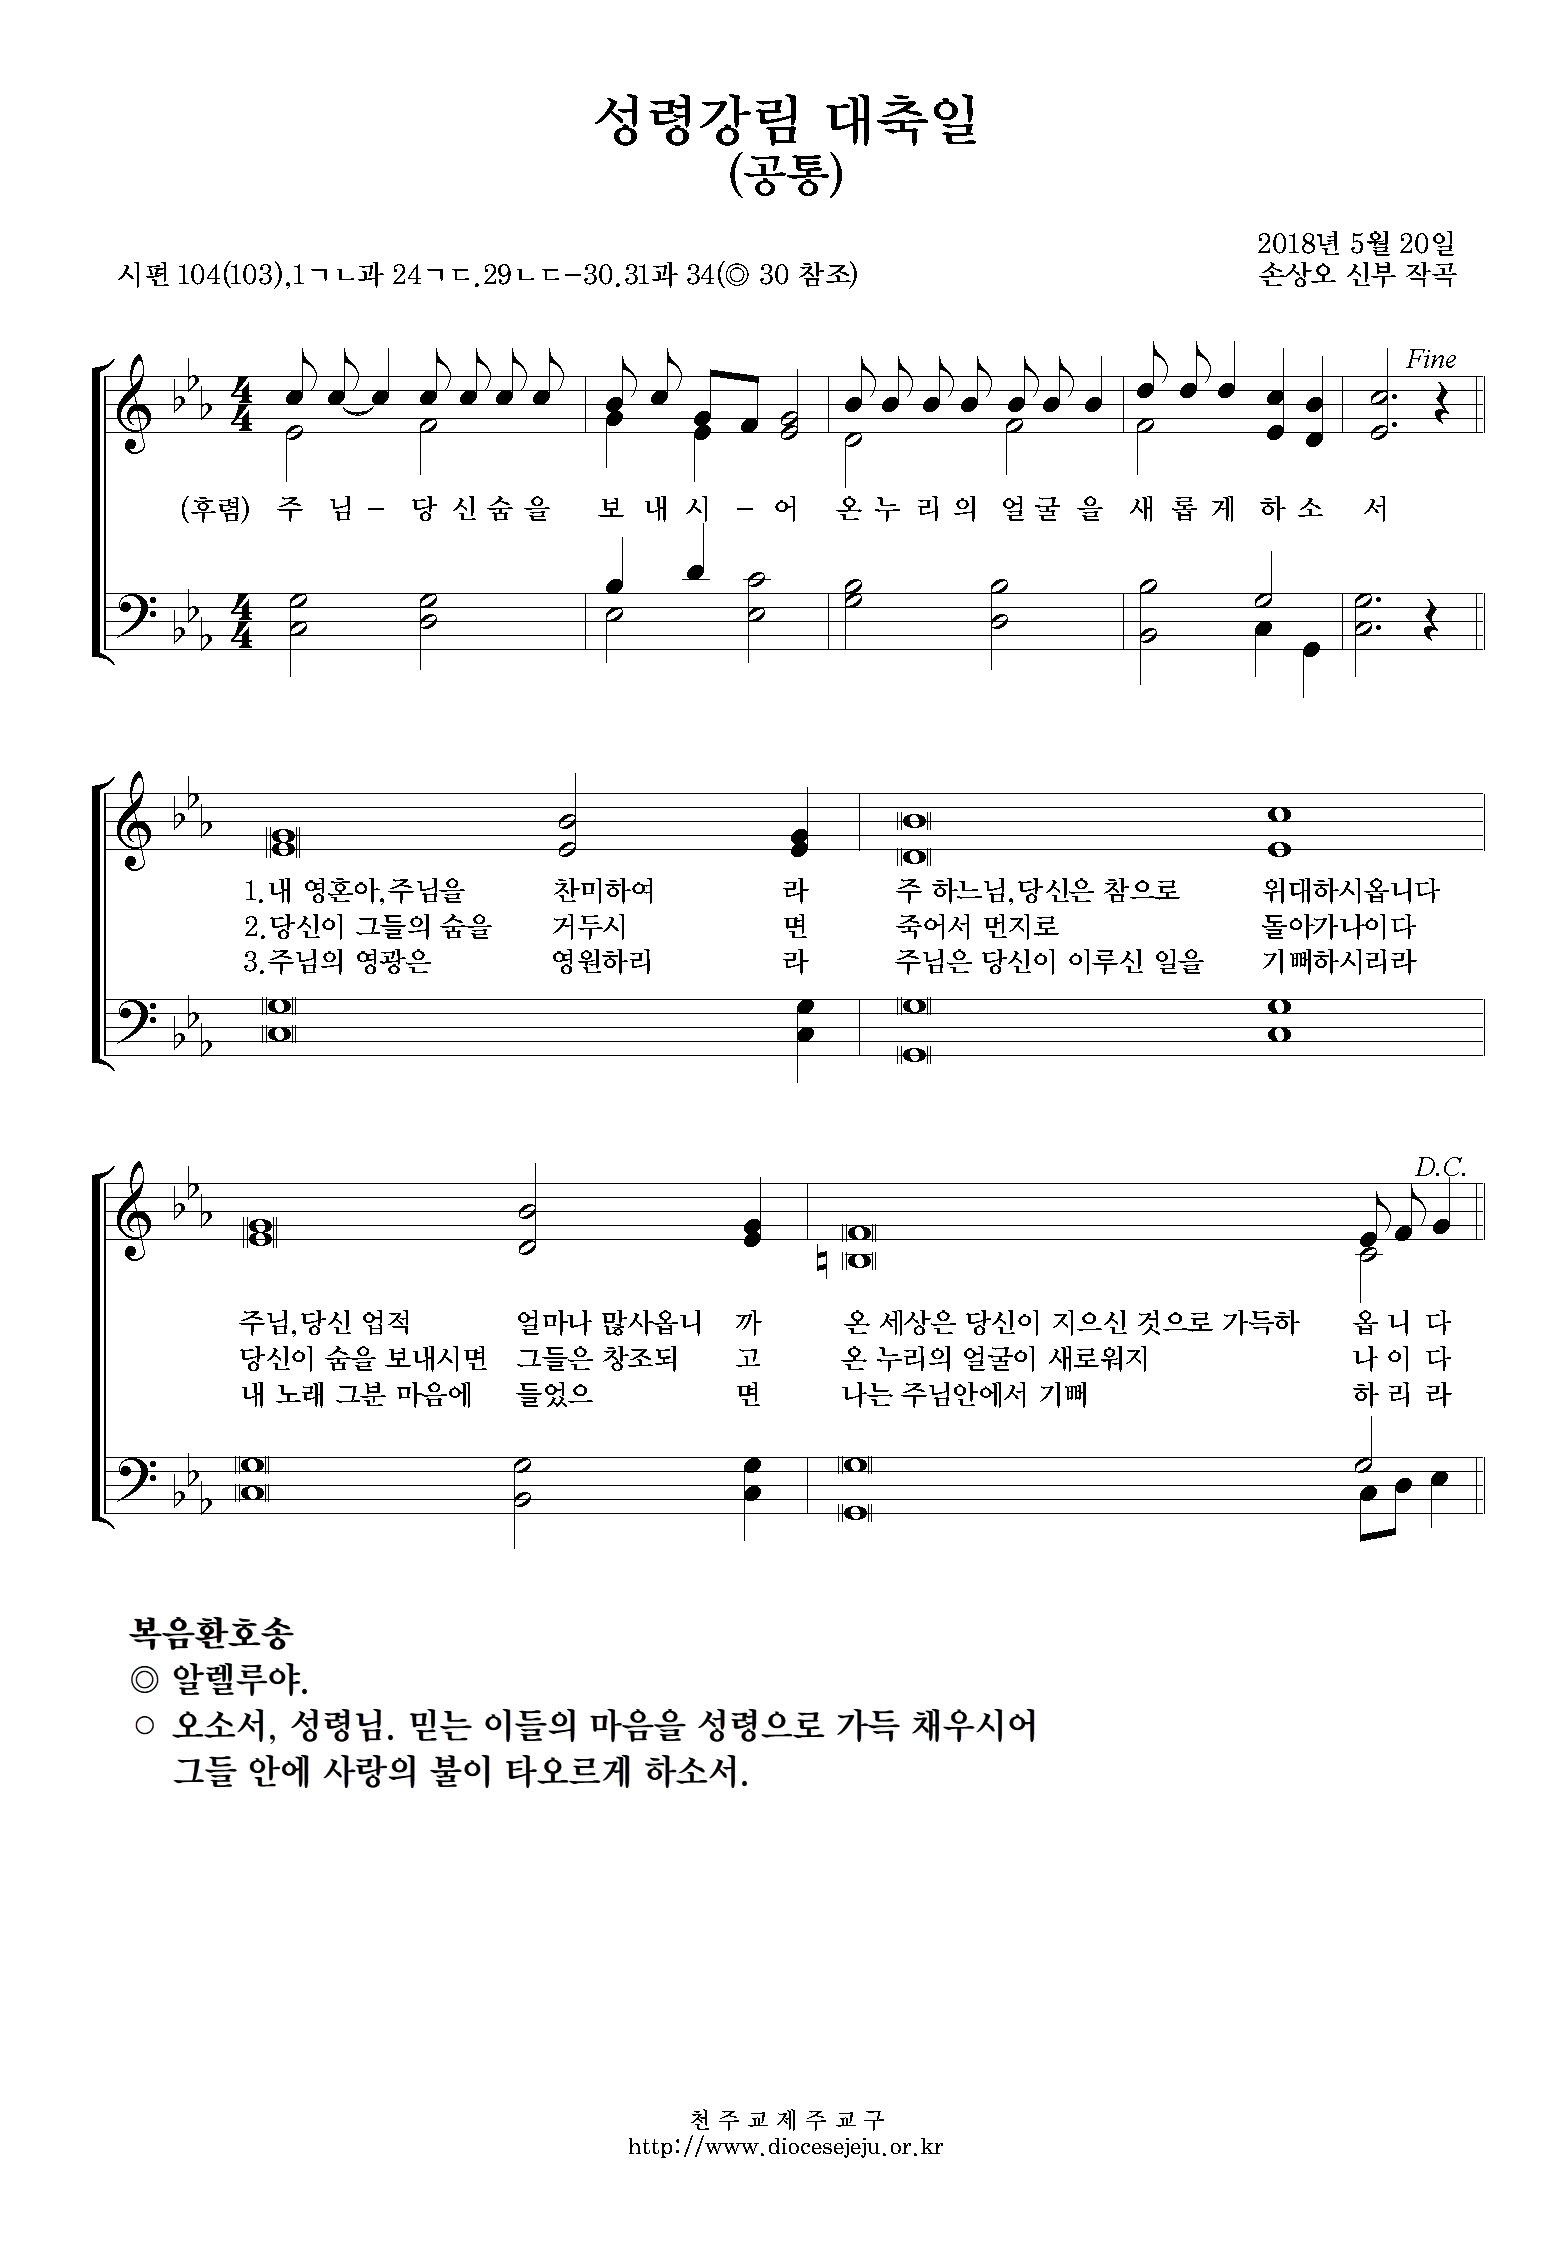 20180520-성령 강림 대축일(공통).jpg